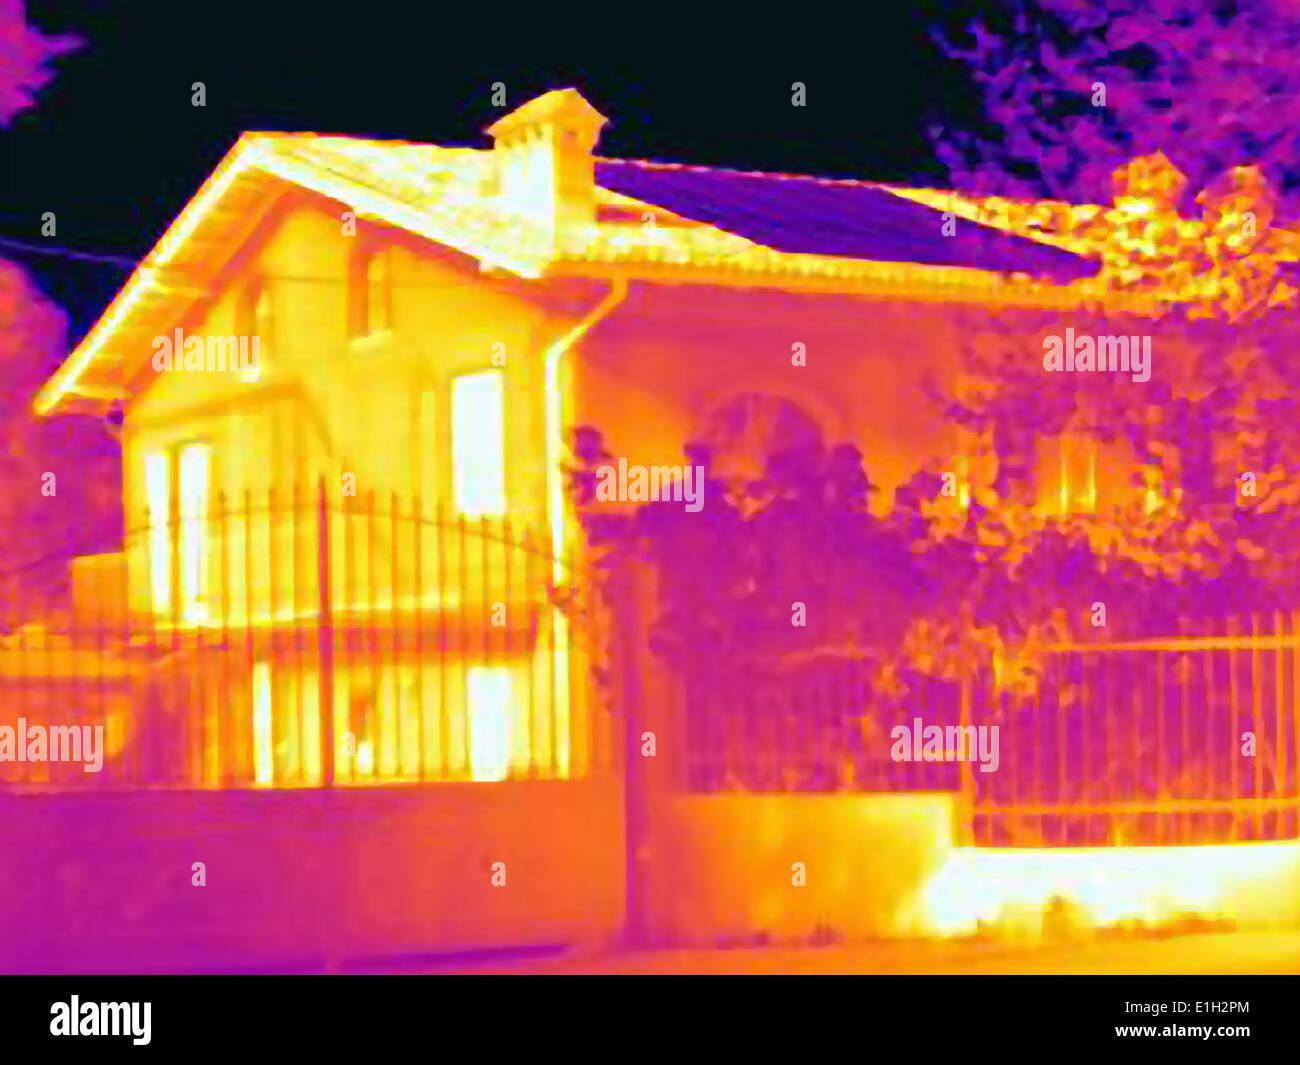 Image thermique d'une maison avec des cellules solaires sur le toit Photo Stock